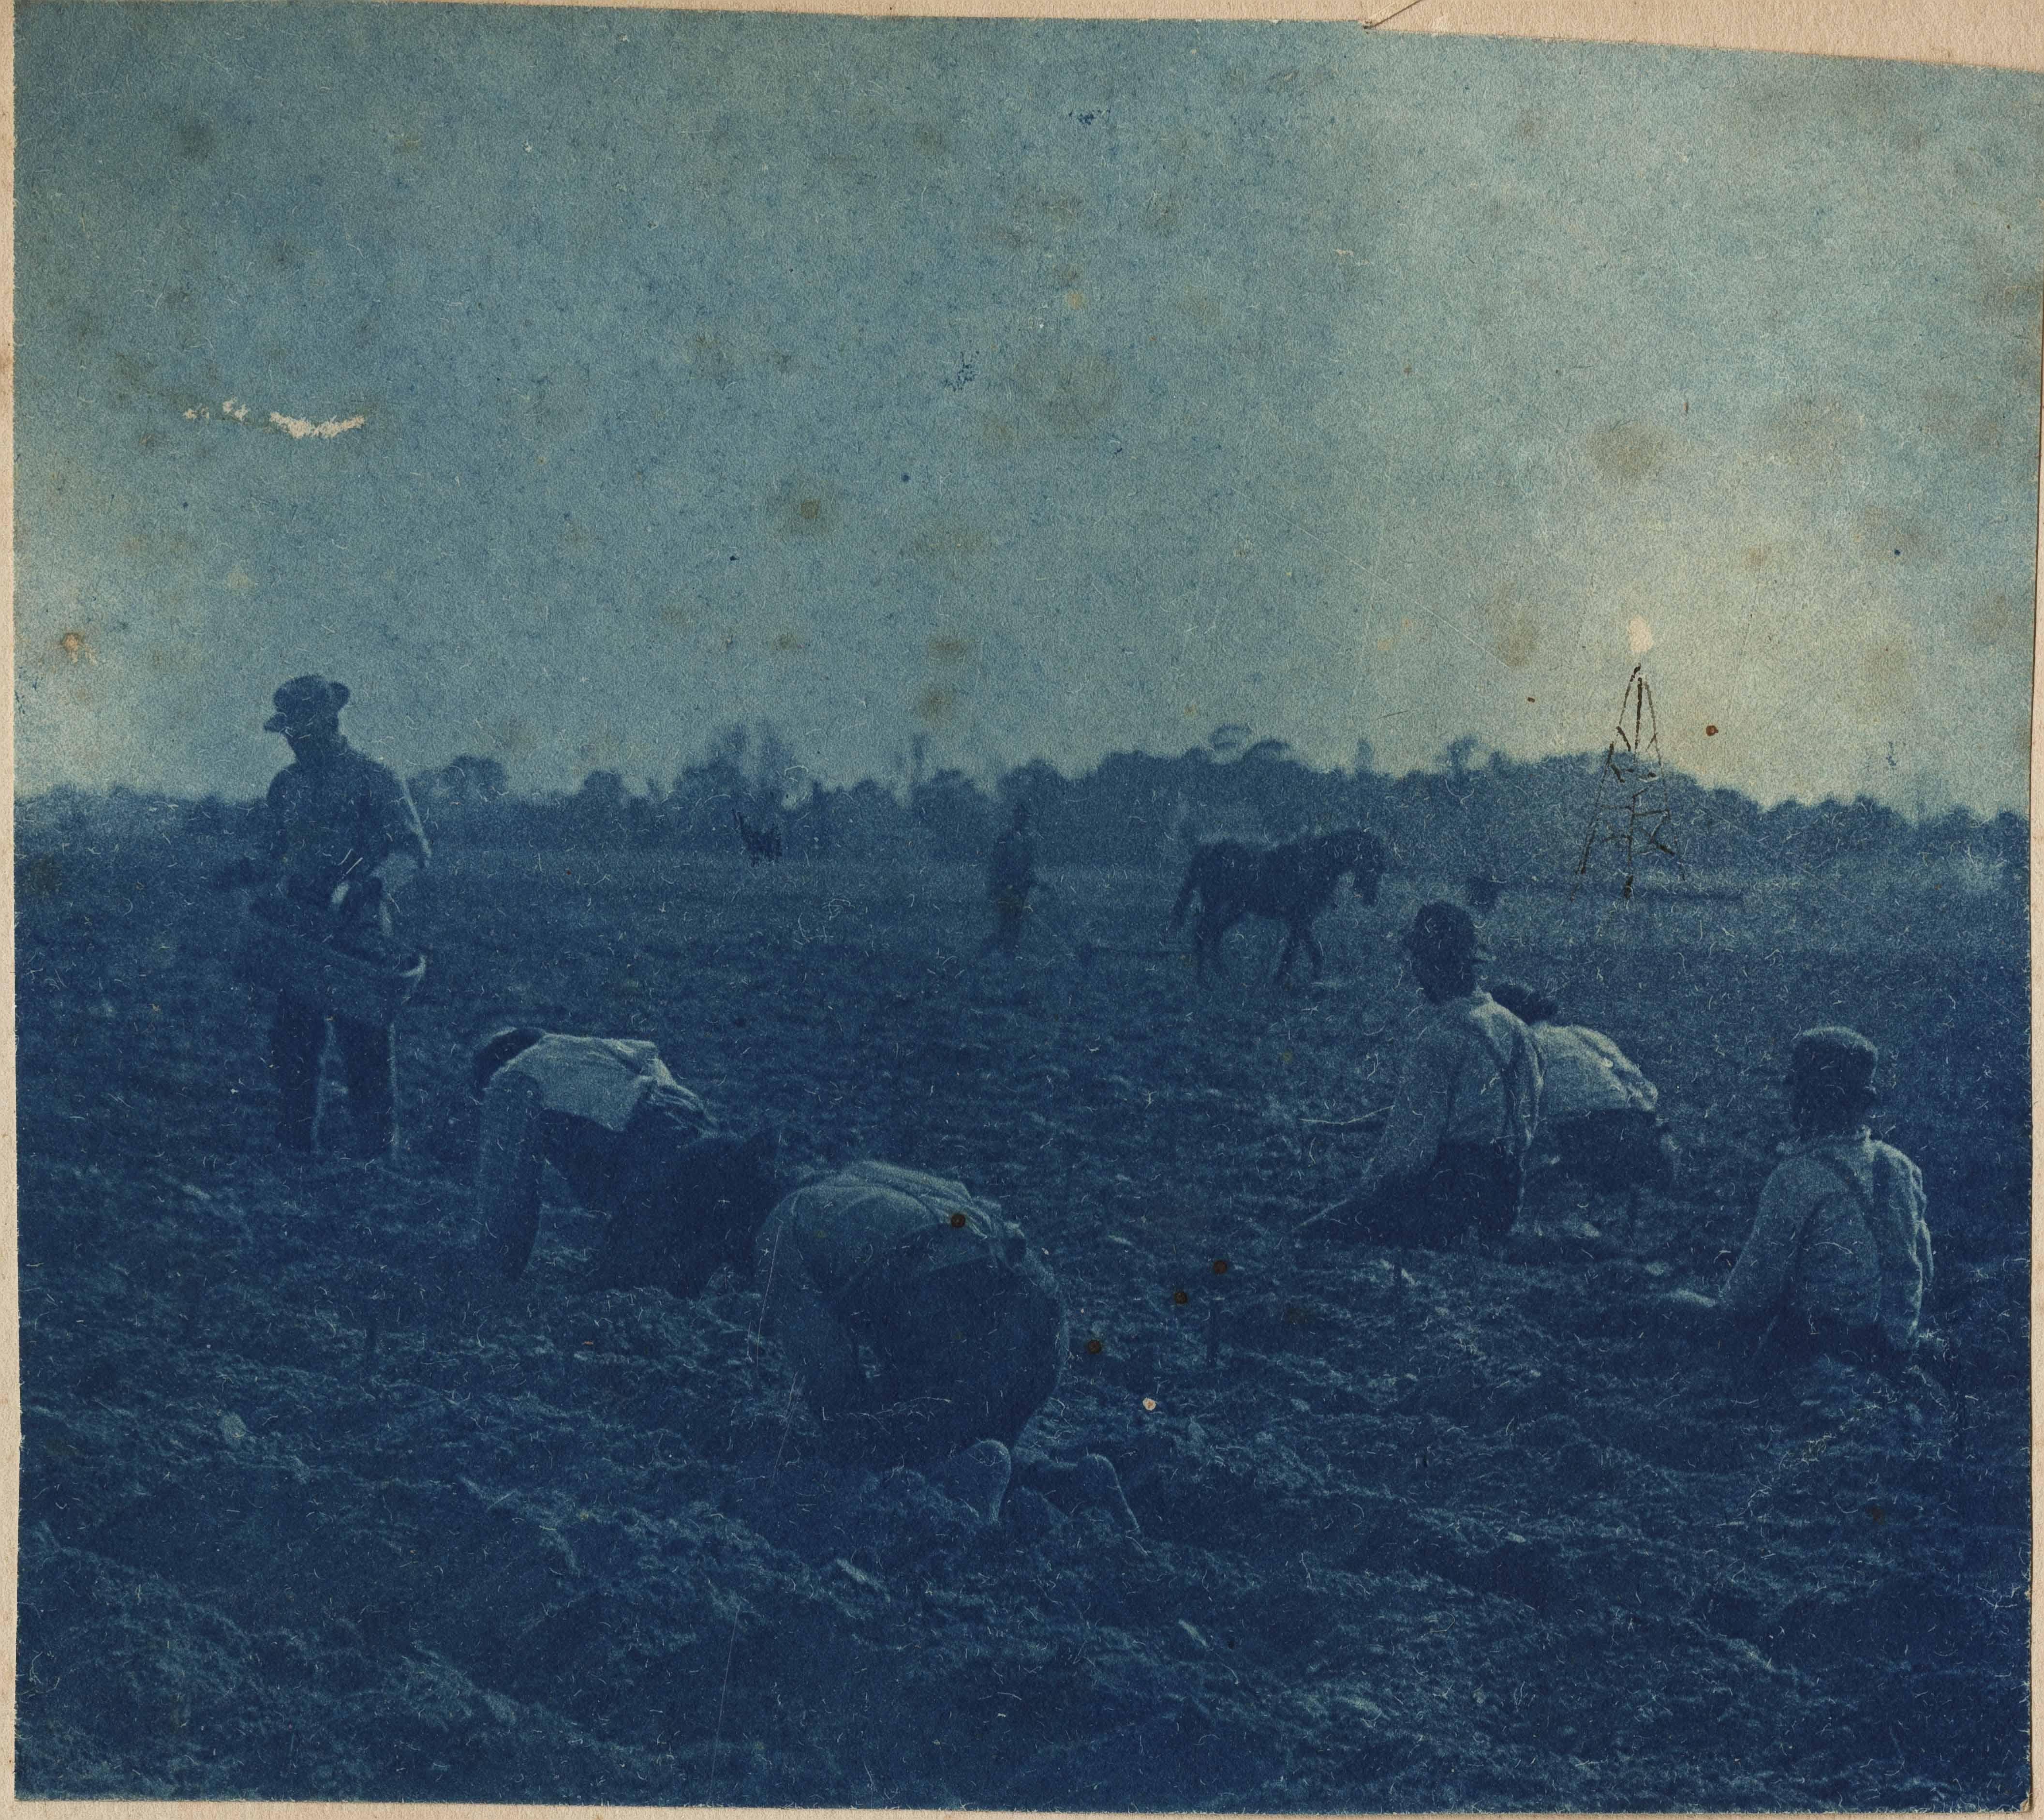 Workers preparing asparagus fields